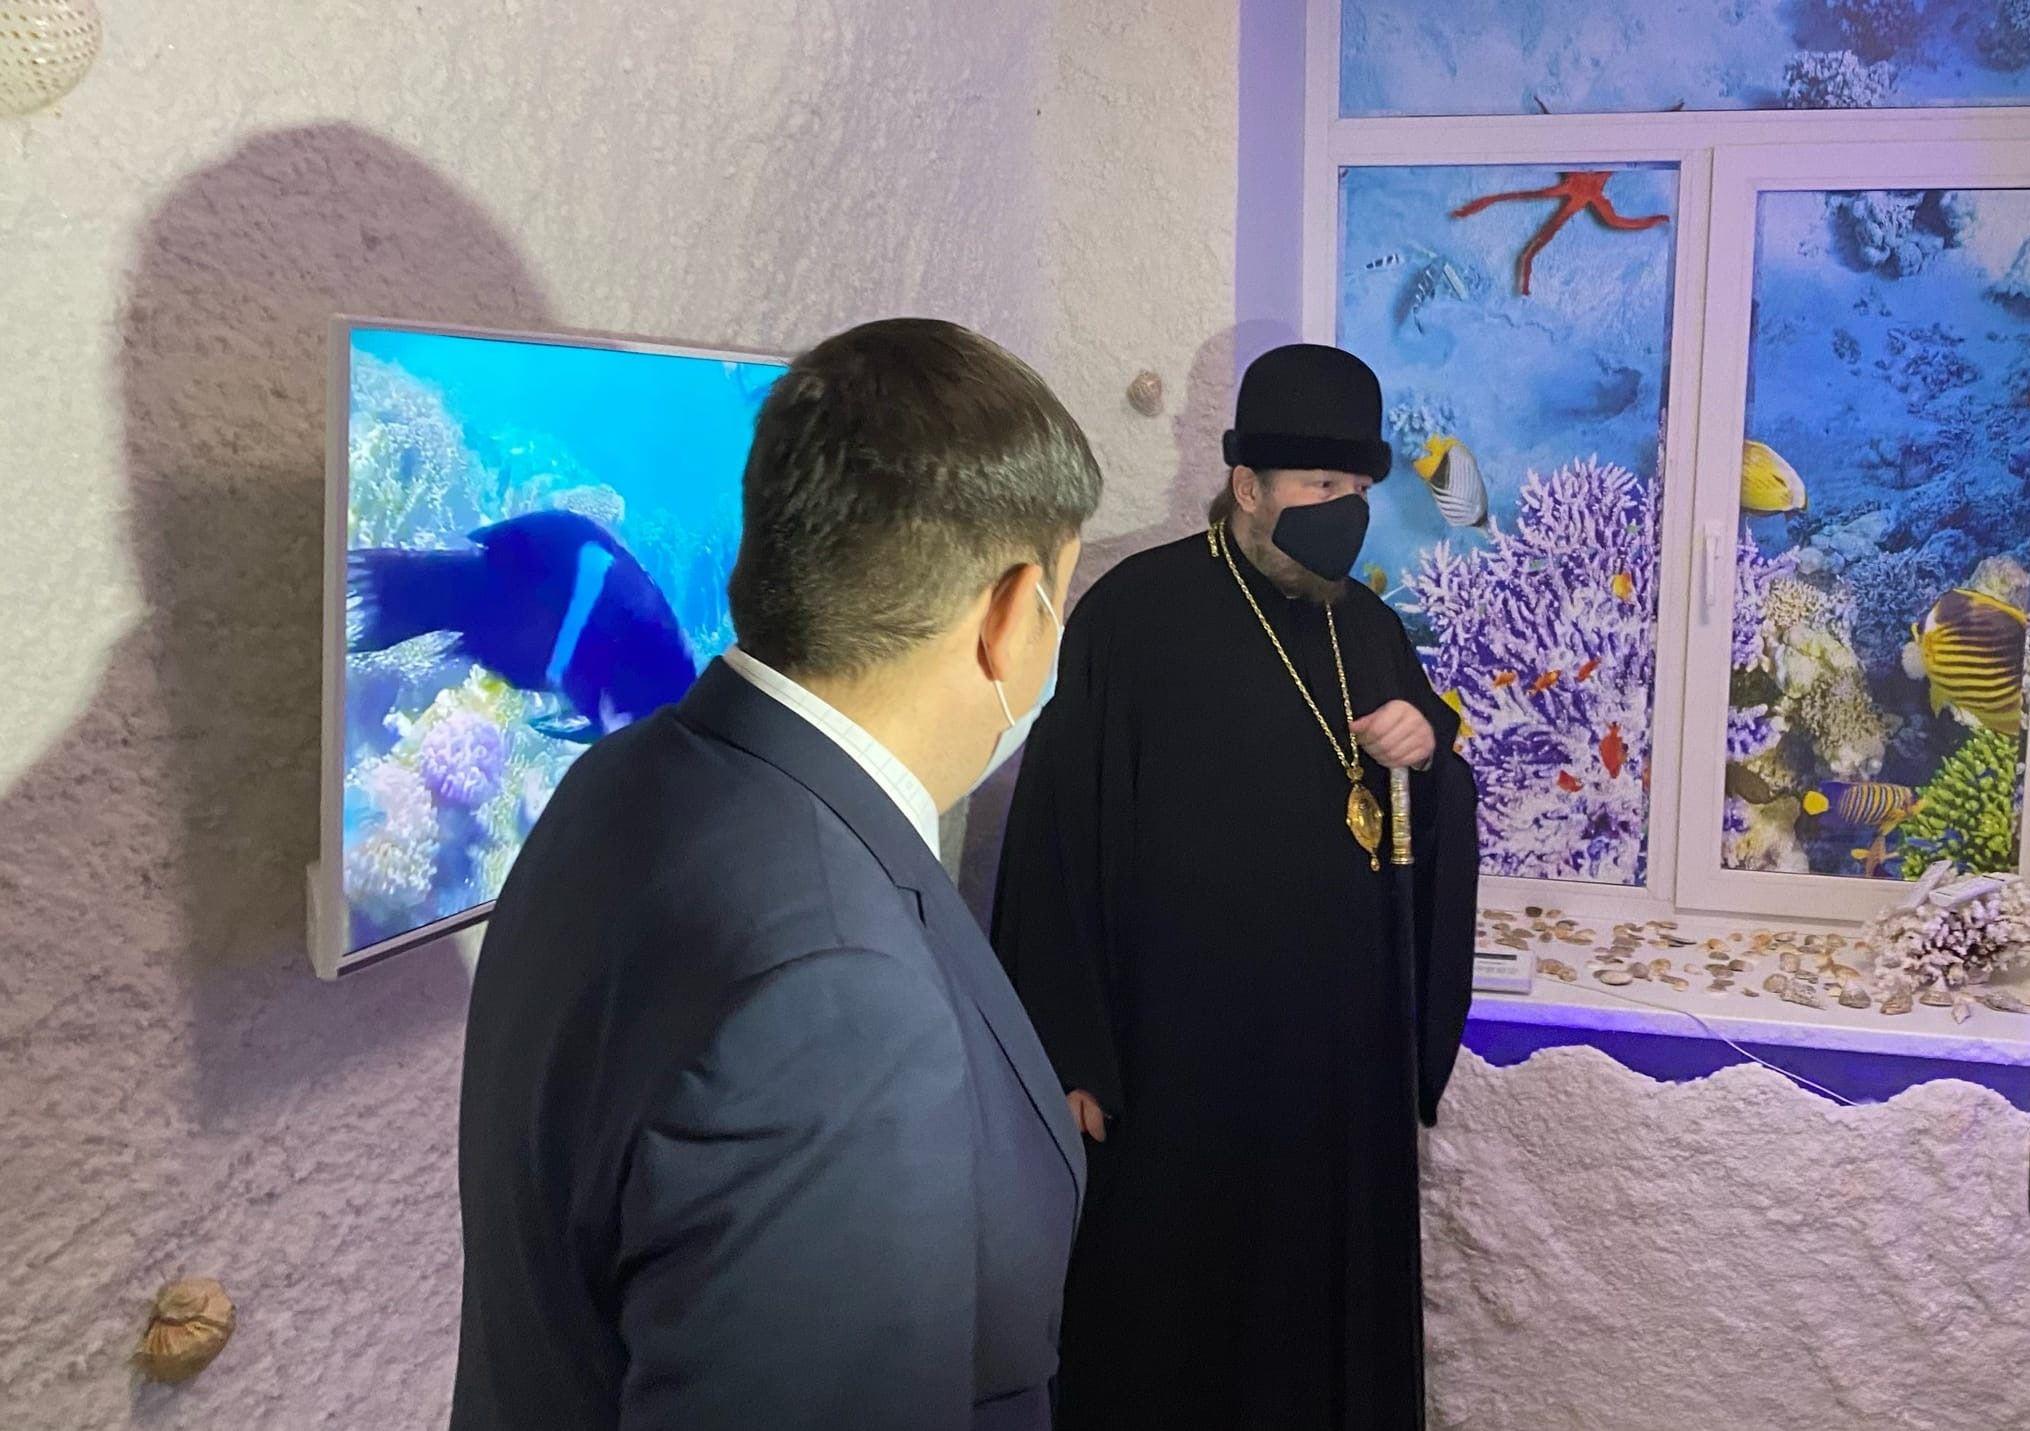 Епископ Златоустовский и Саткинский Викентий на открытии соляной комнаты в детском саду №73 Златоуста